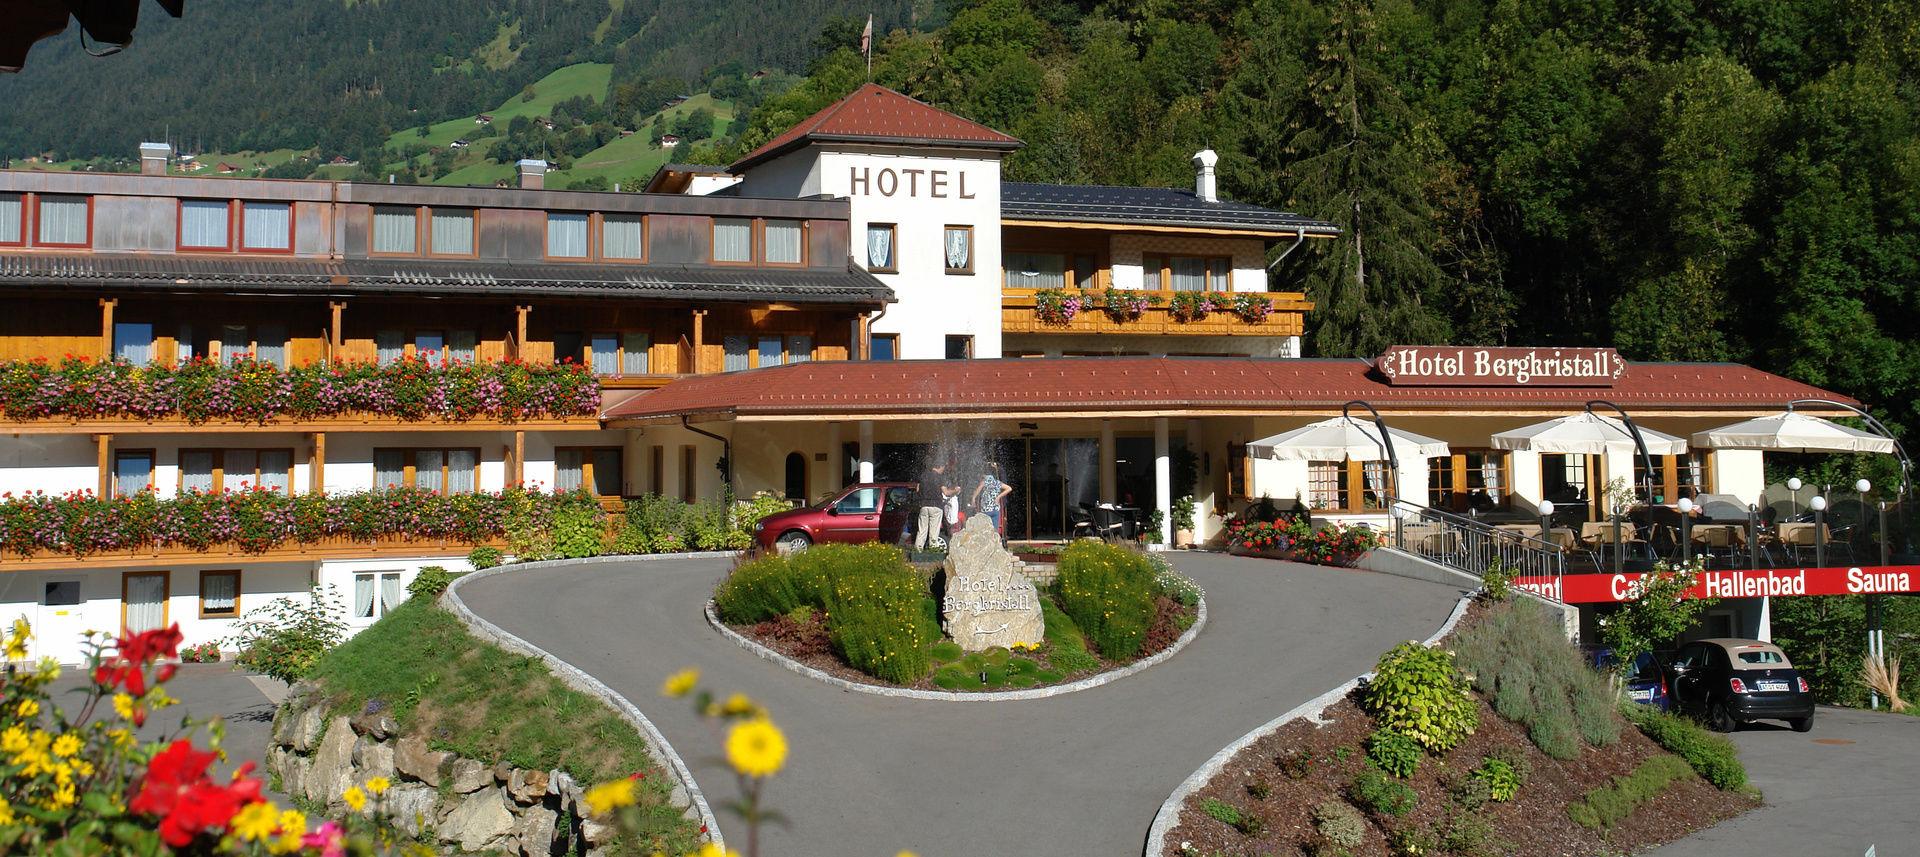 hotels im montafon 4 sterne hotel bergkristall. Black Bedroom Furniture Sets. Home Design Ideas